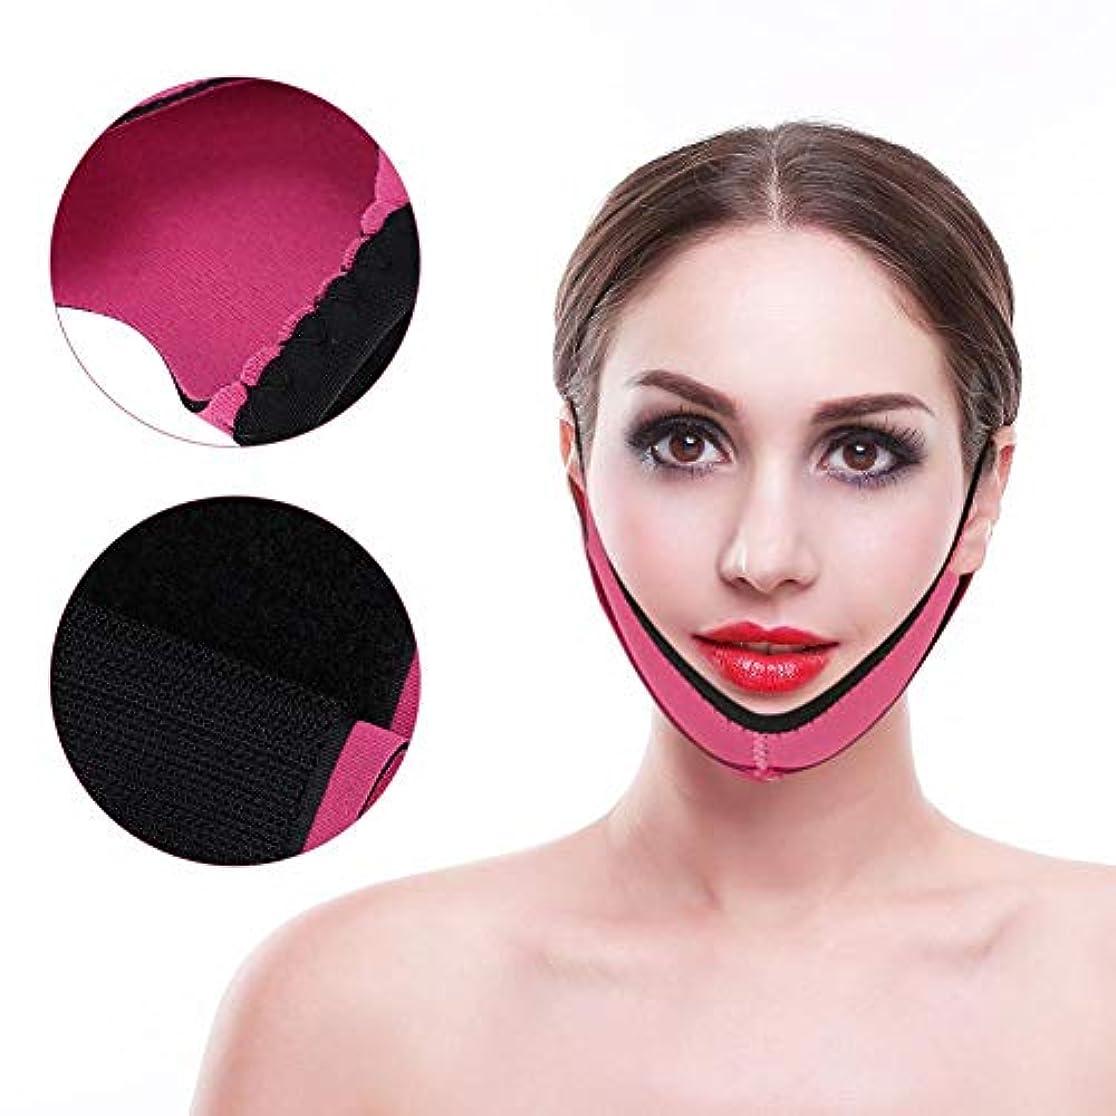 ハック予定昆虫Vフェイスラインベルト、超薄型ストラップバンドVフェイスラインベルトは、二重あごと顔面筋の弛緩を効果的に改善します。